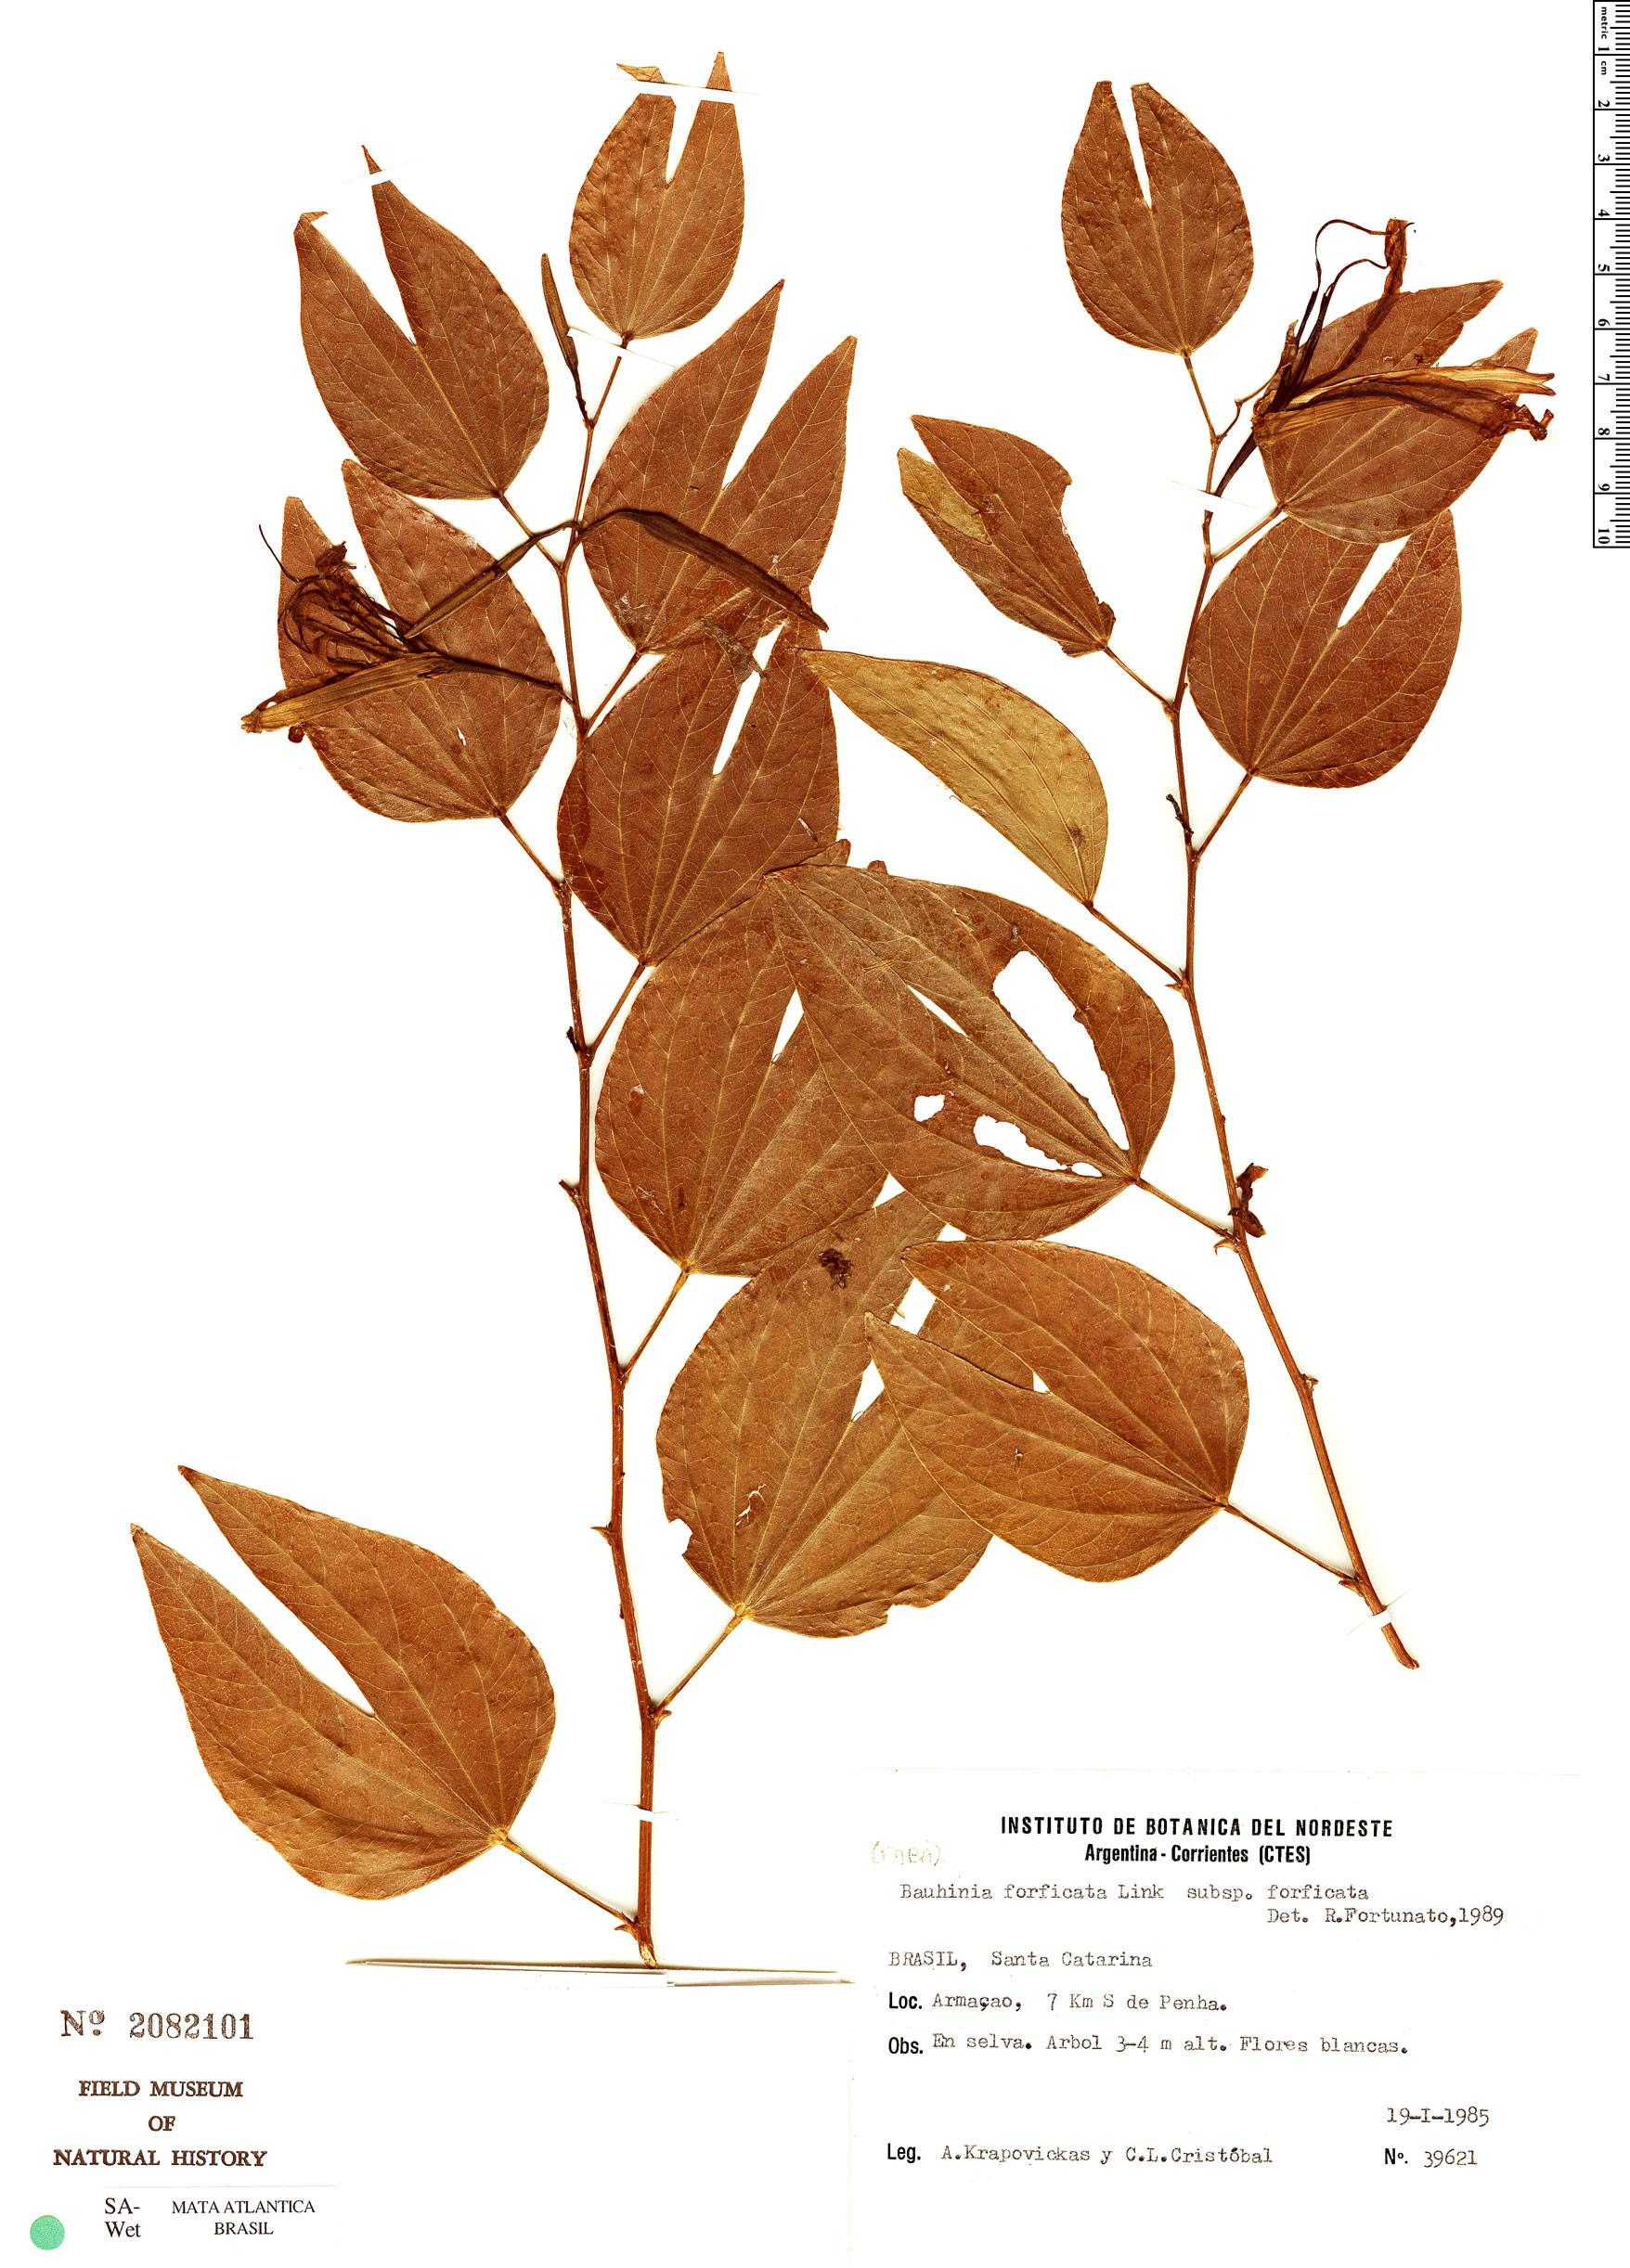 Specimen: Bauhinia forficata